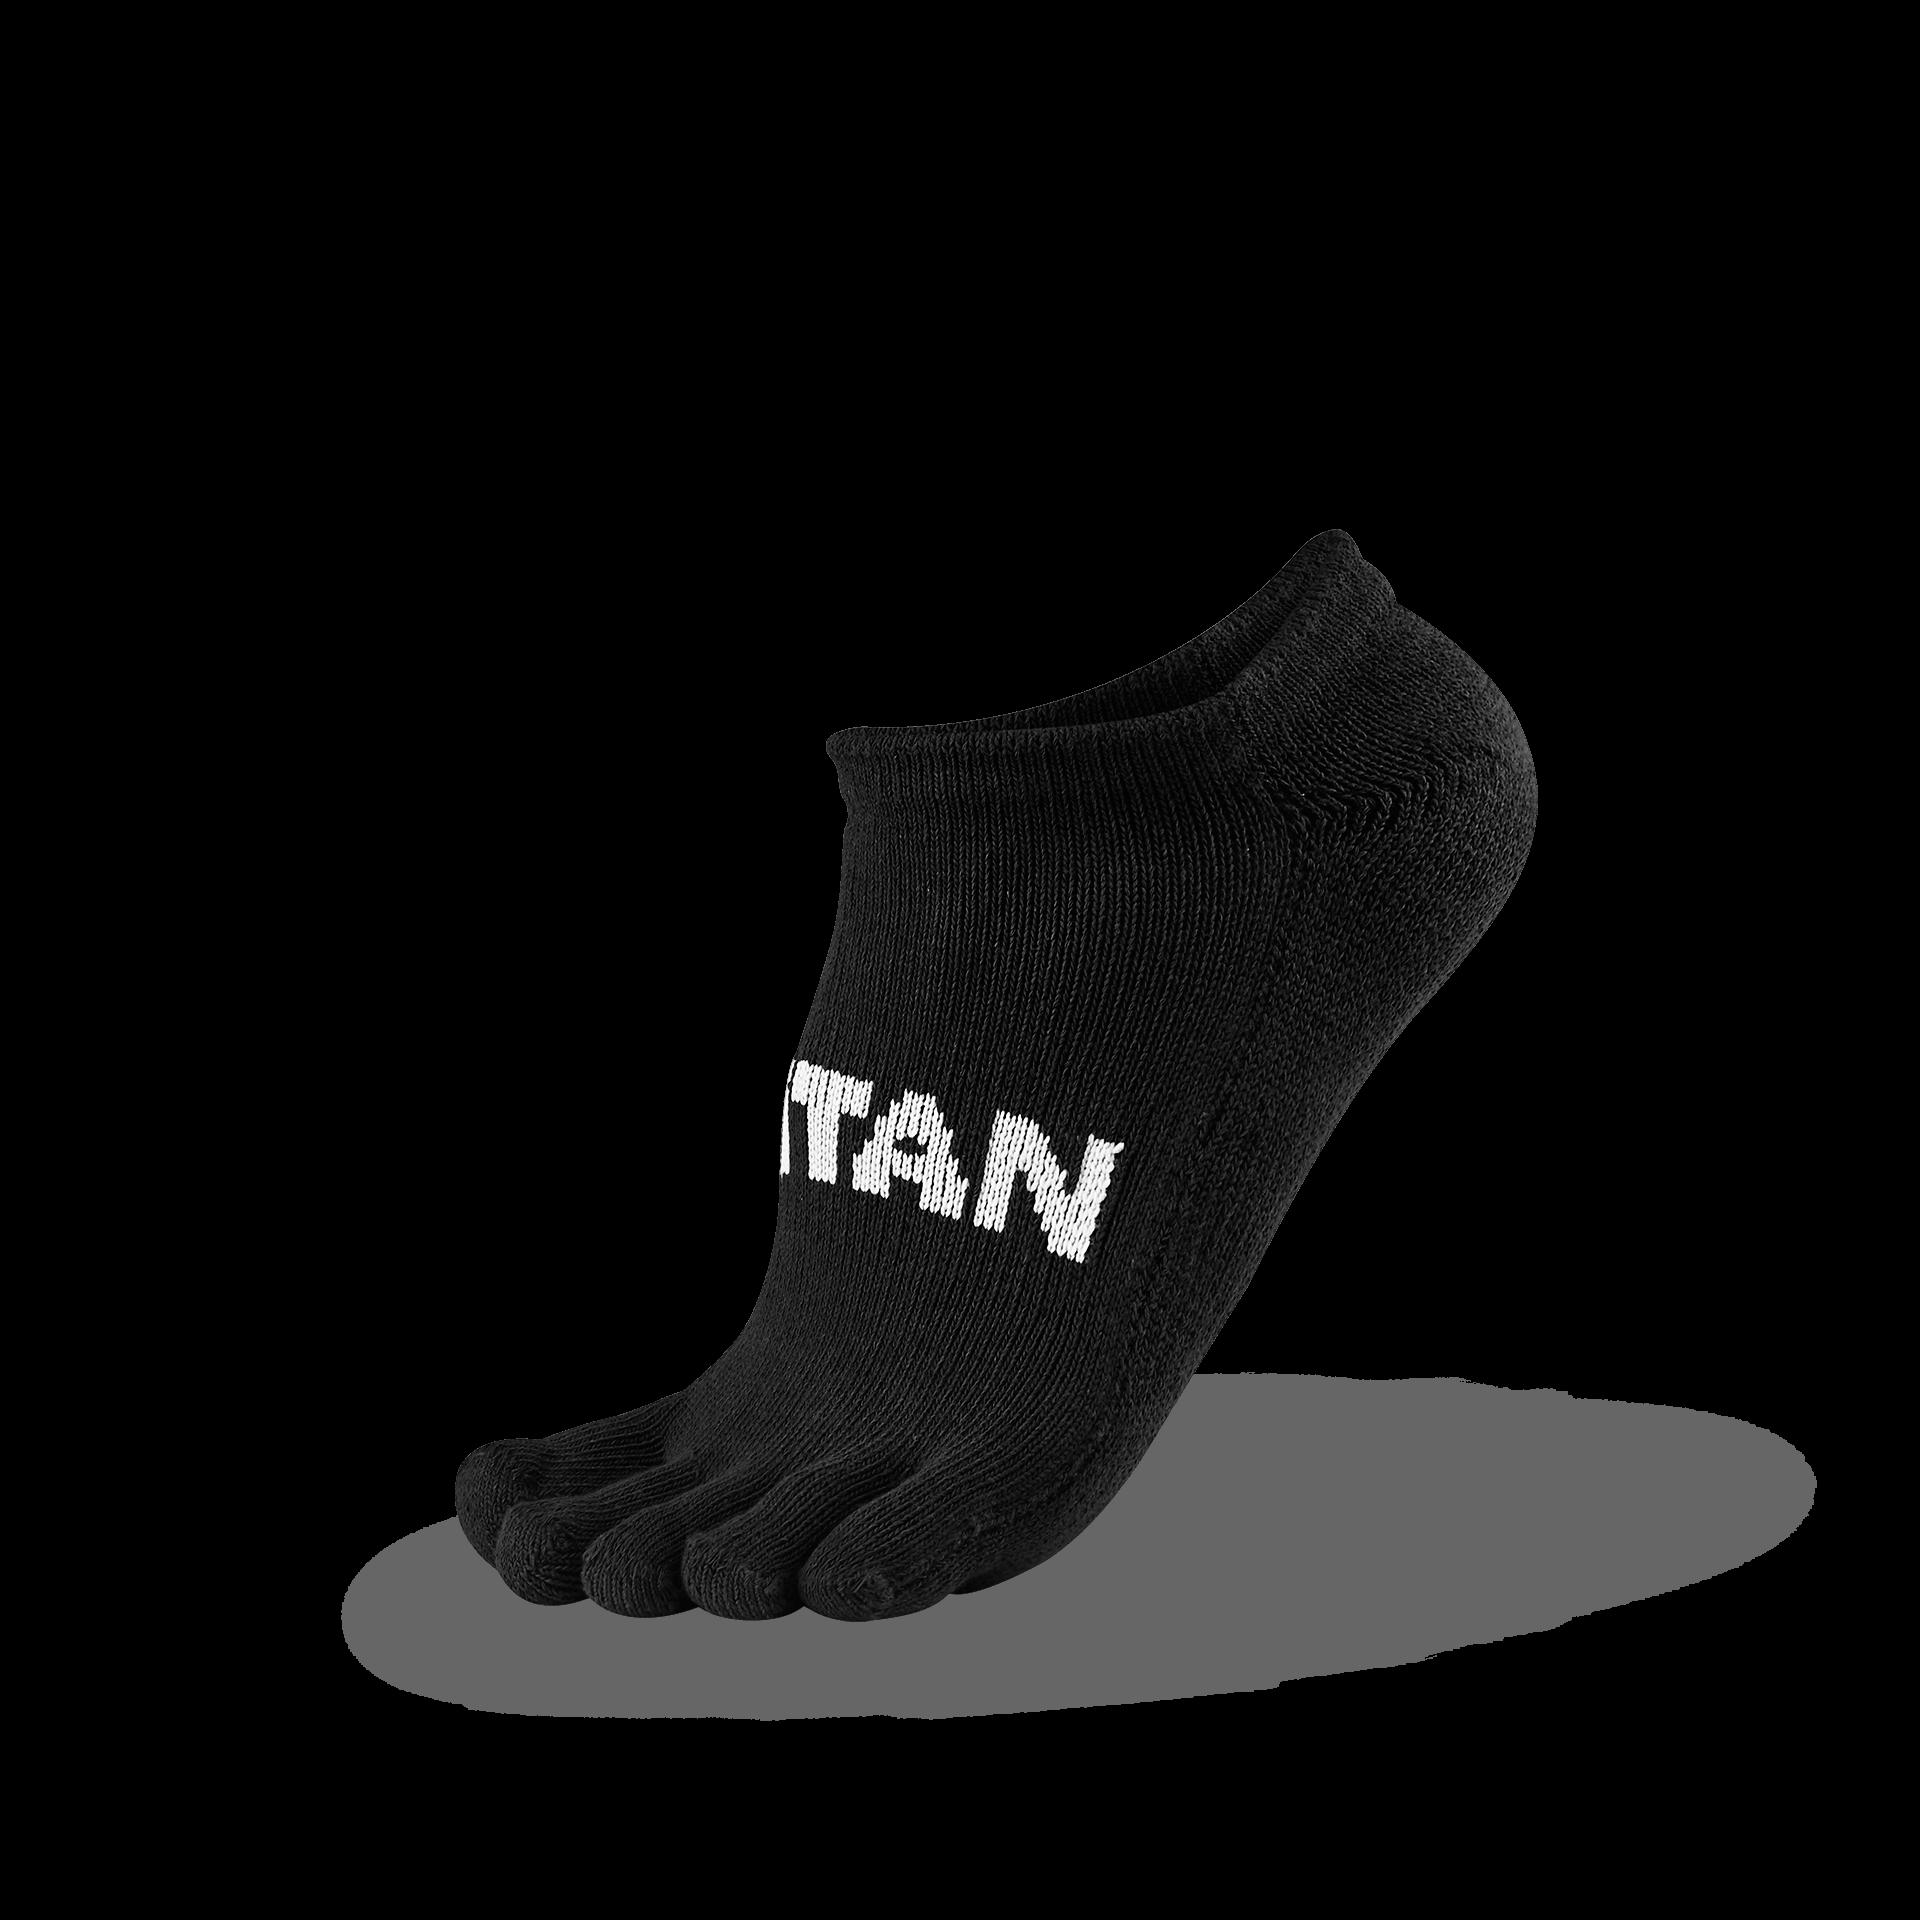 五趾舒壓生活襪 踝型